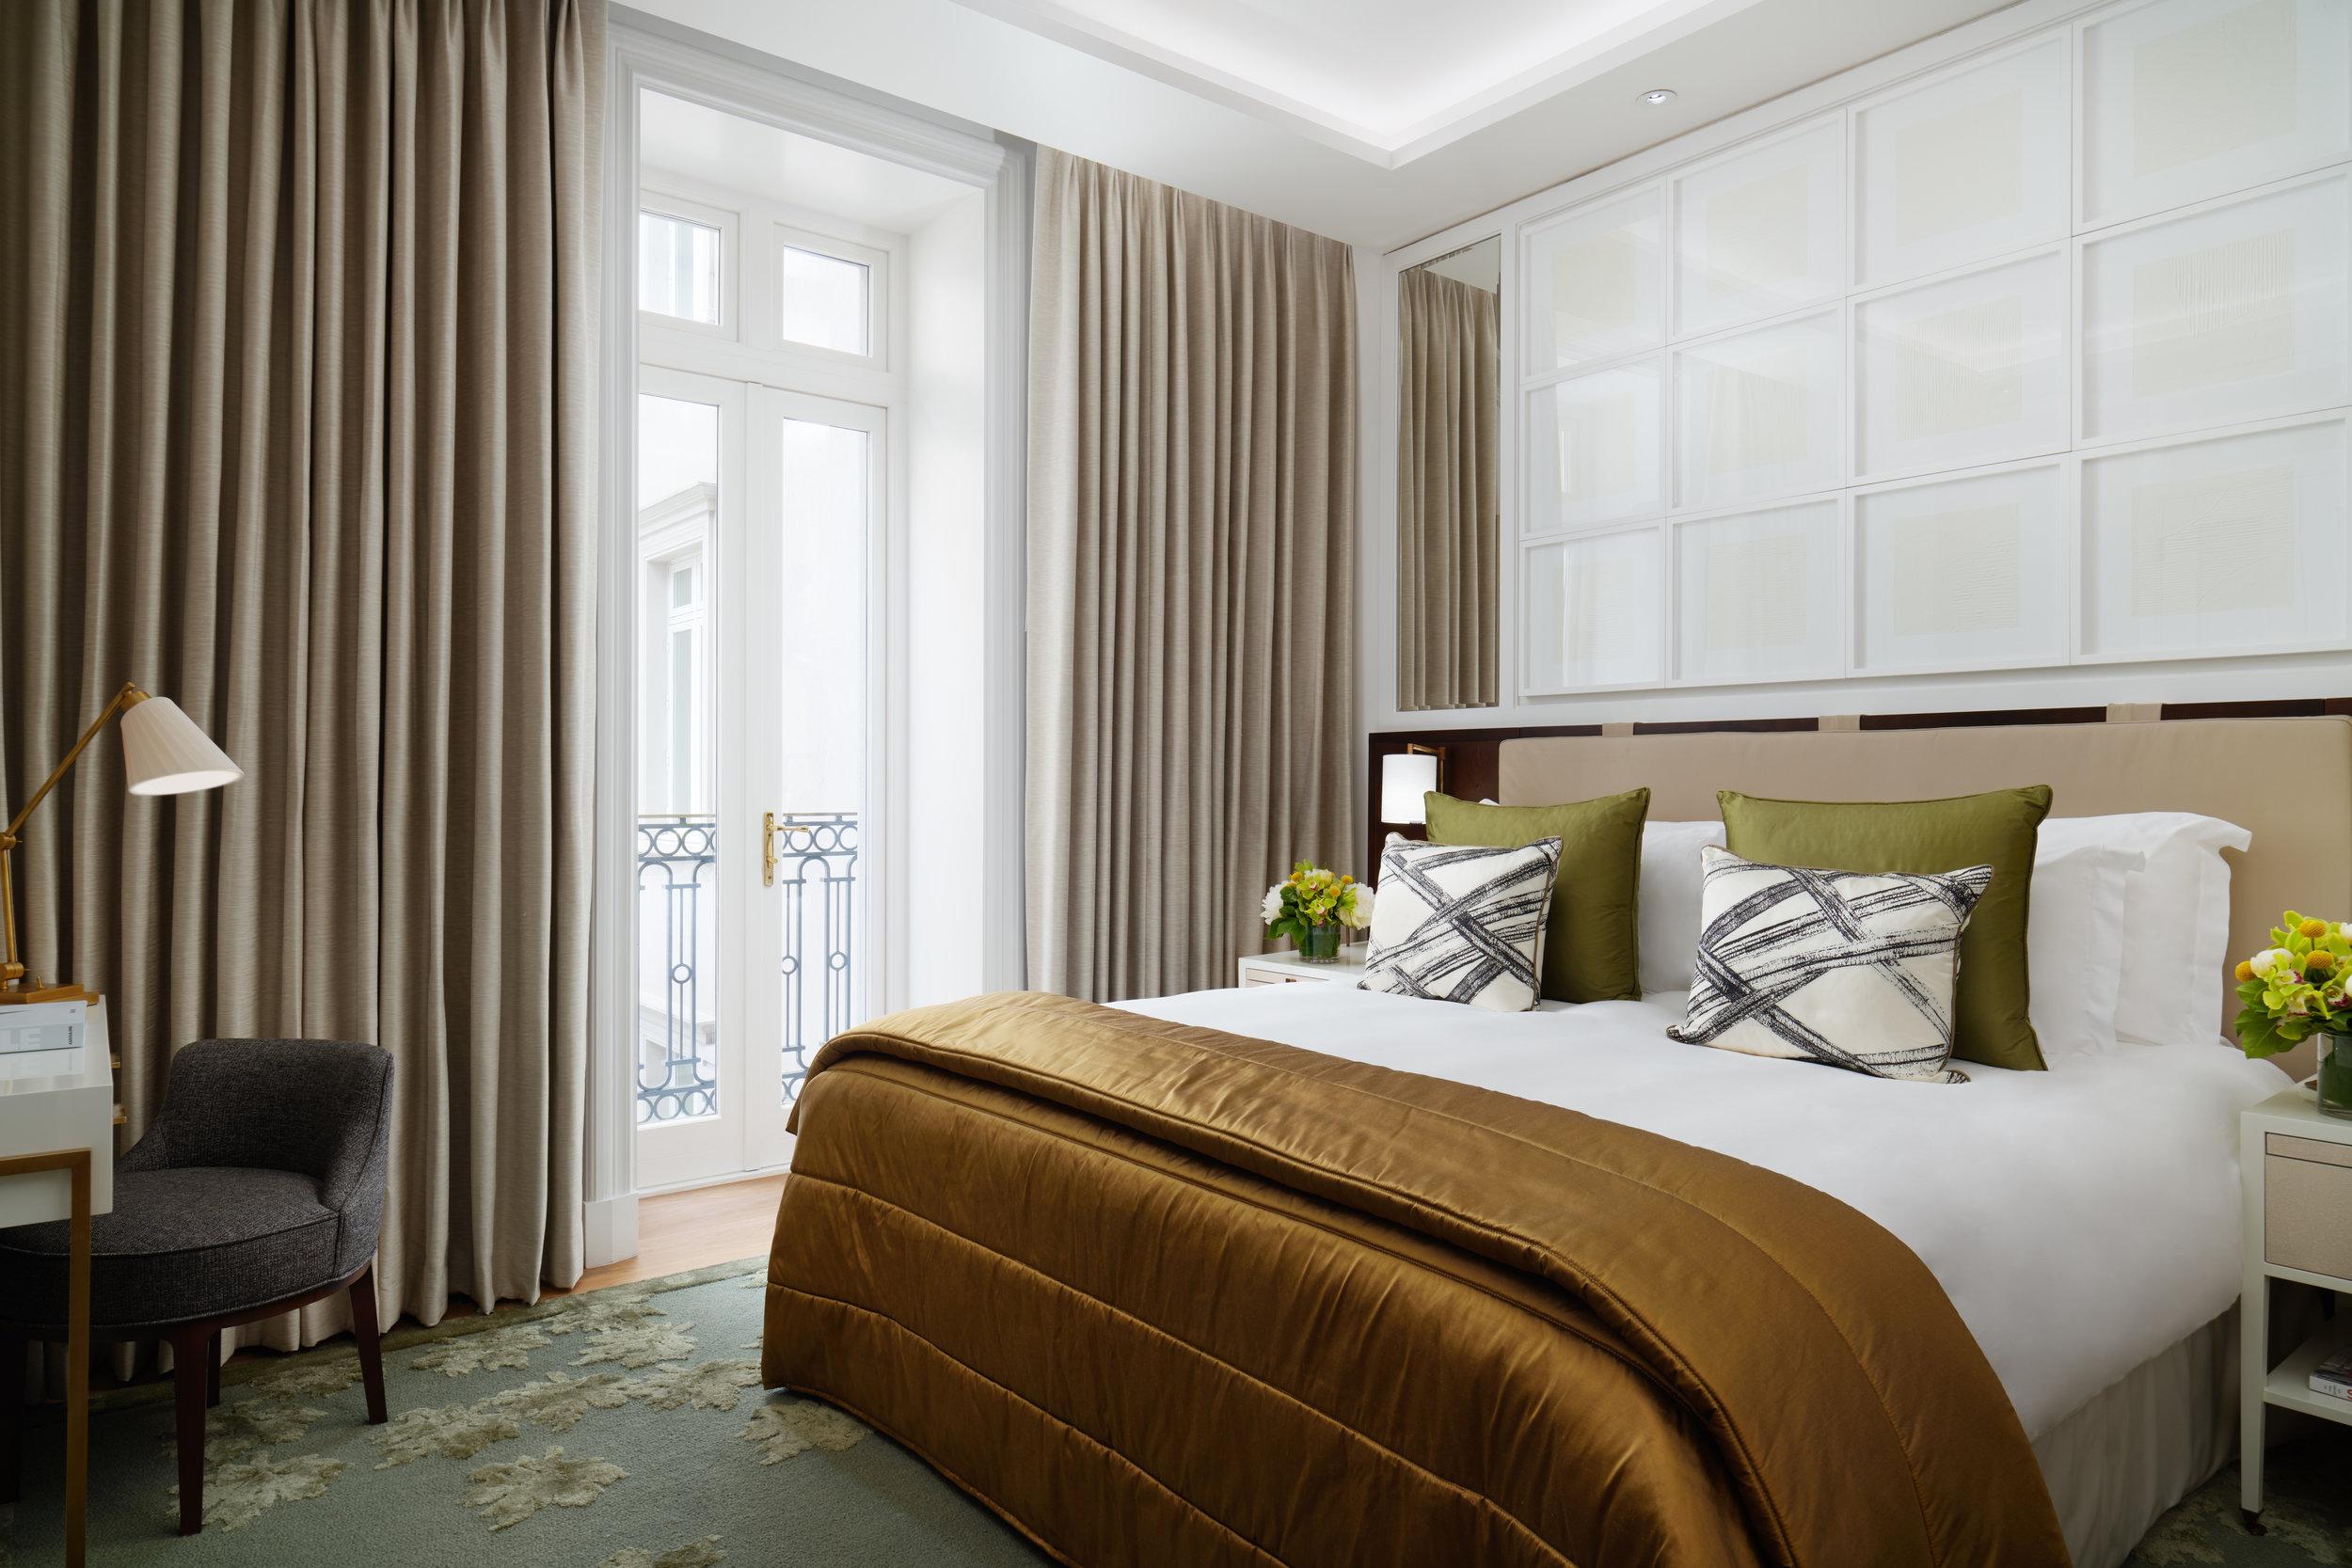 CorinthiaHotel_Garden_Suite_Bedroom_Jack_Hardy_2018.jpg